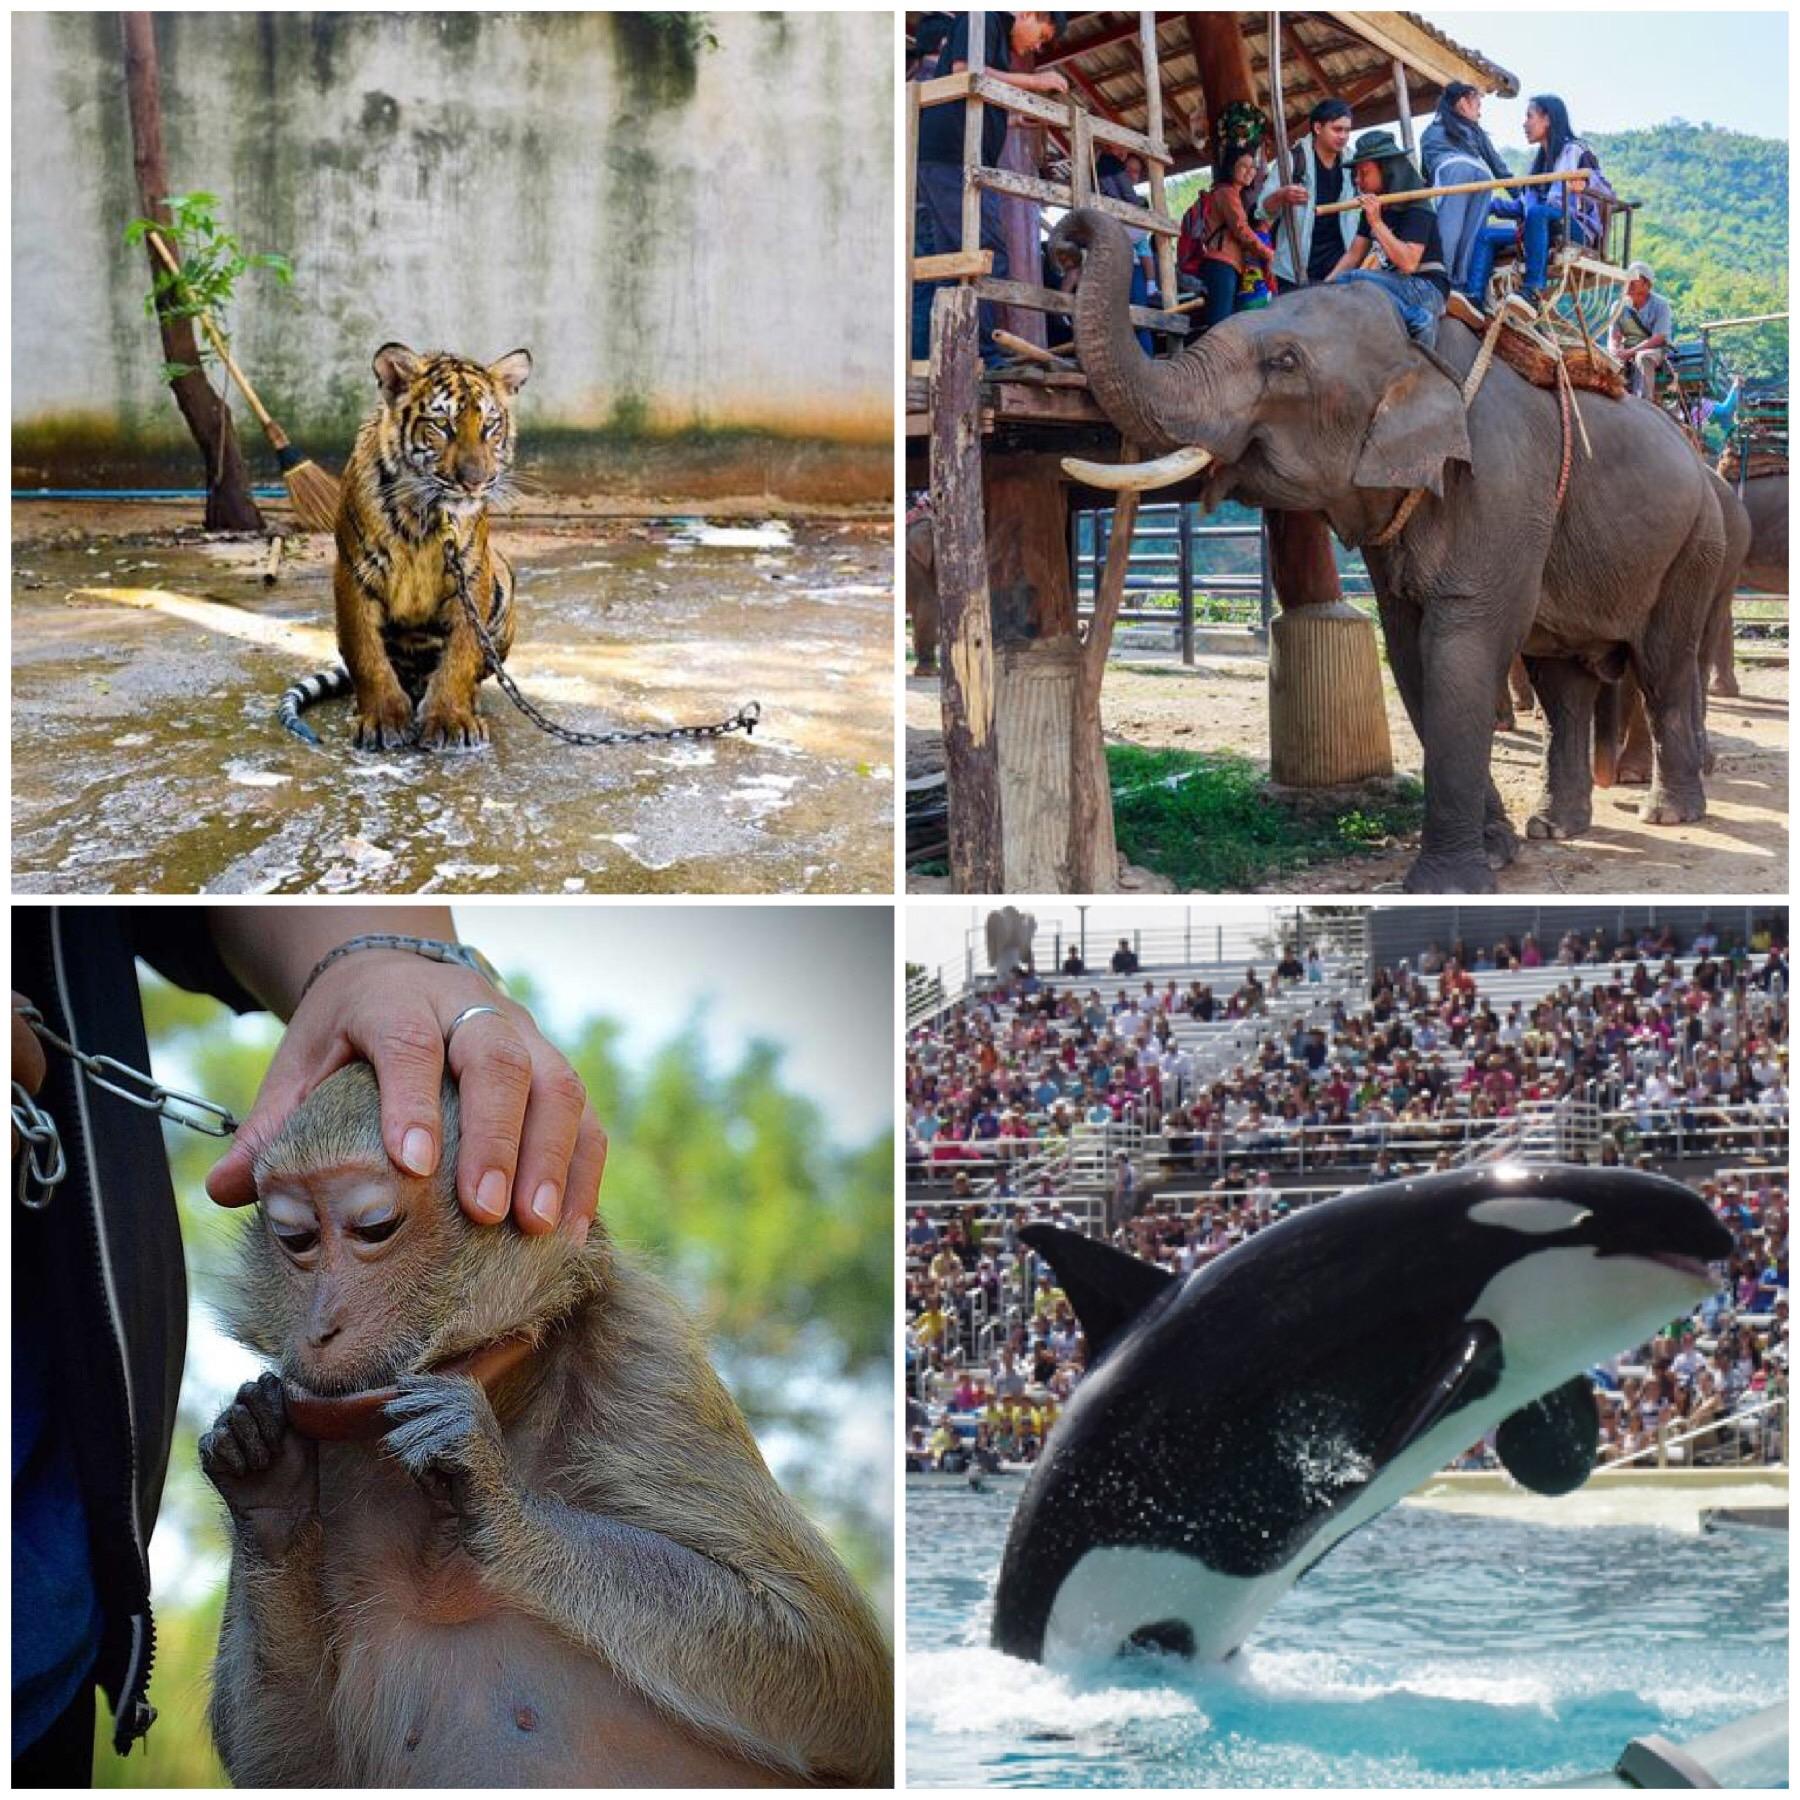 Tour con animali nel mondo: i casi di maltrattamento e turismo insostenibile